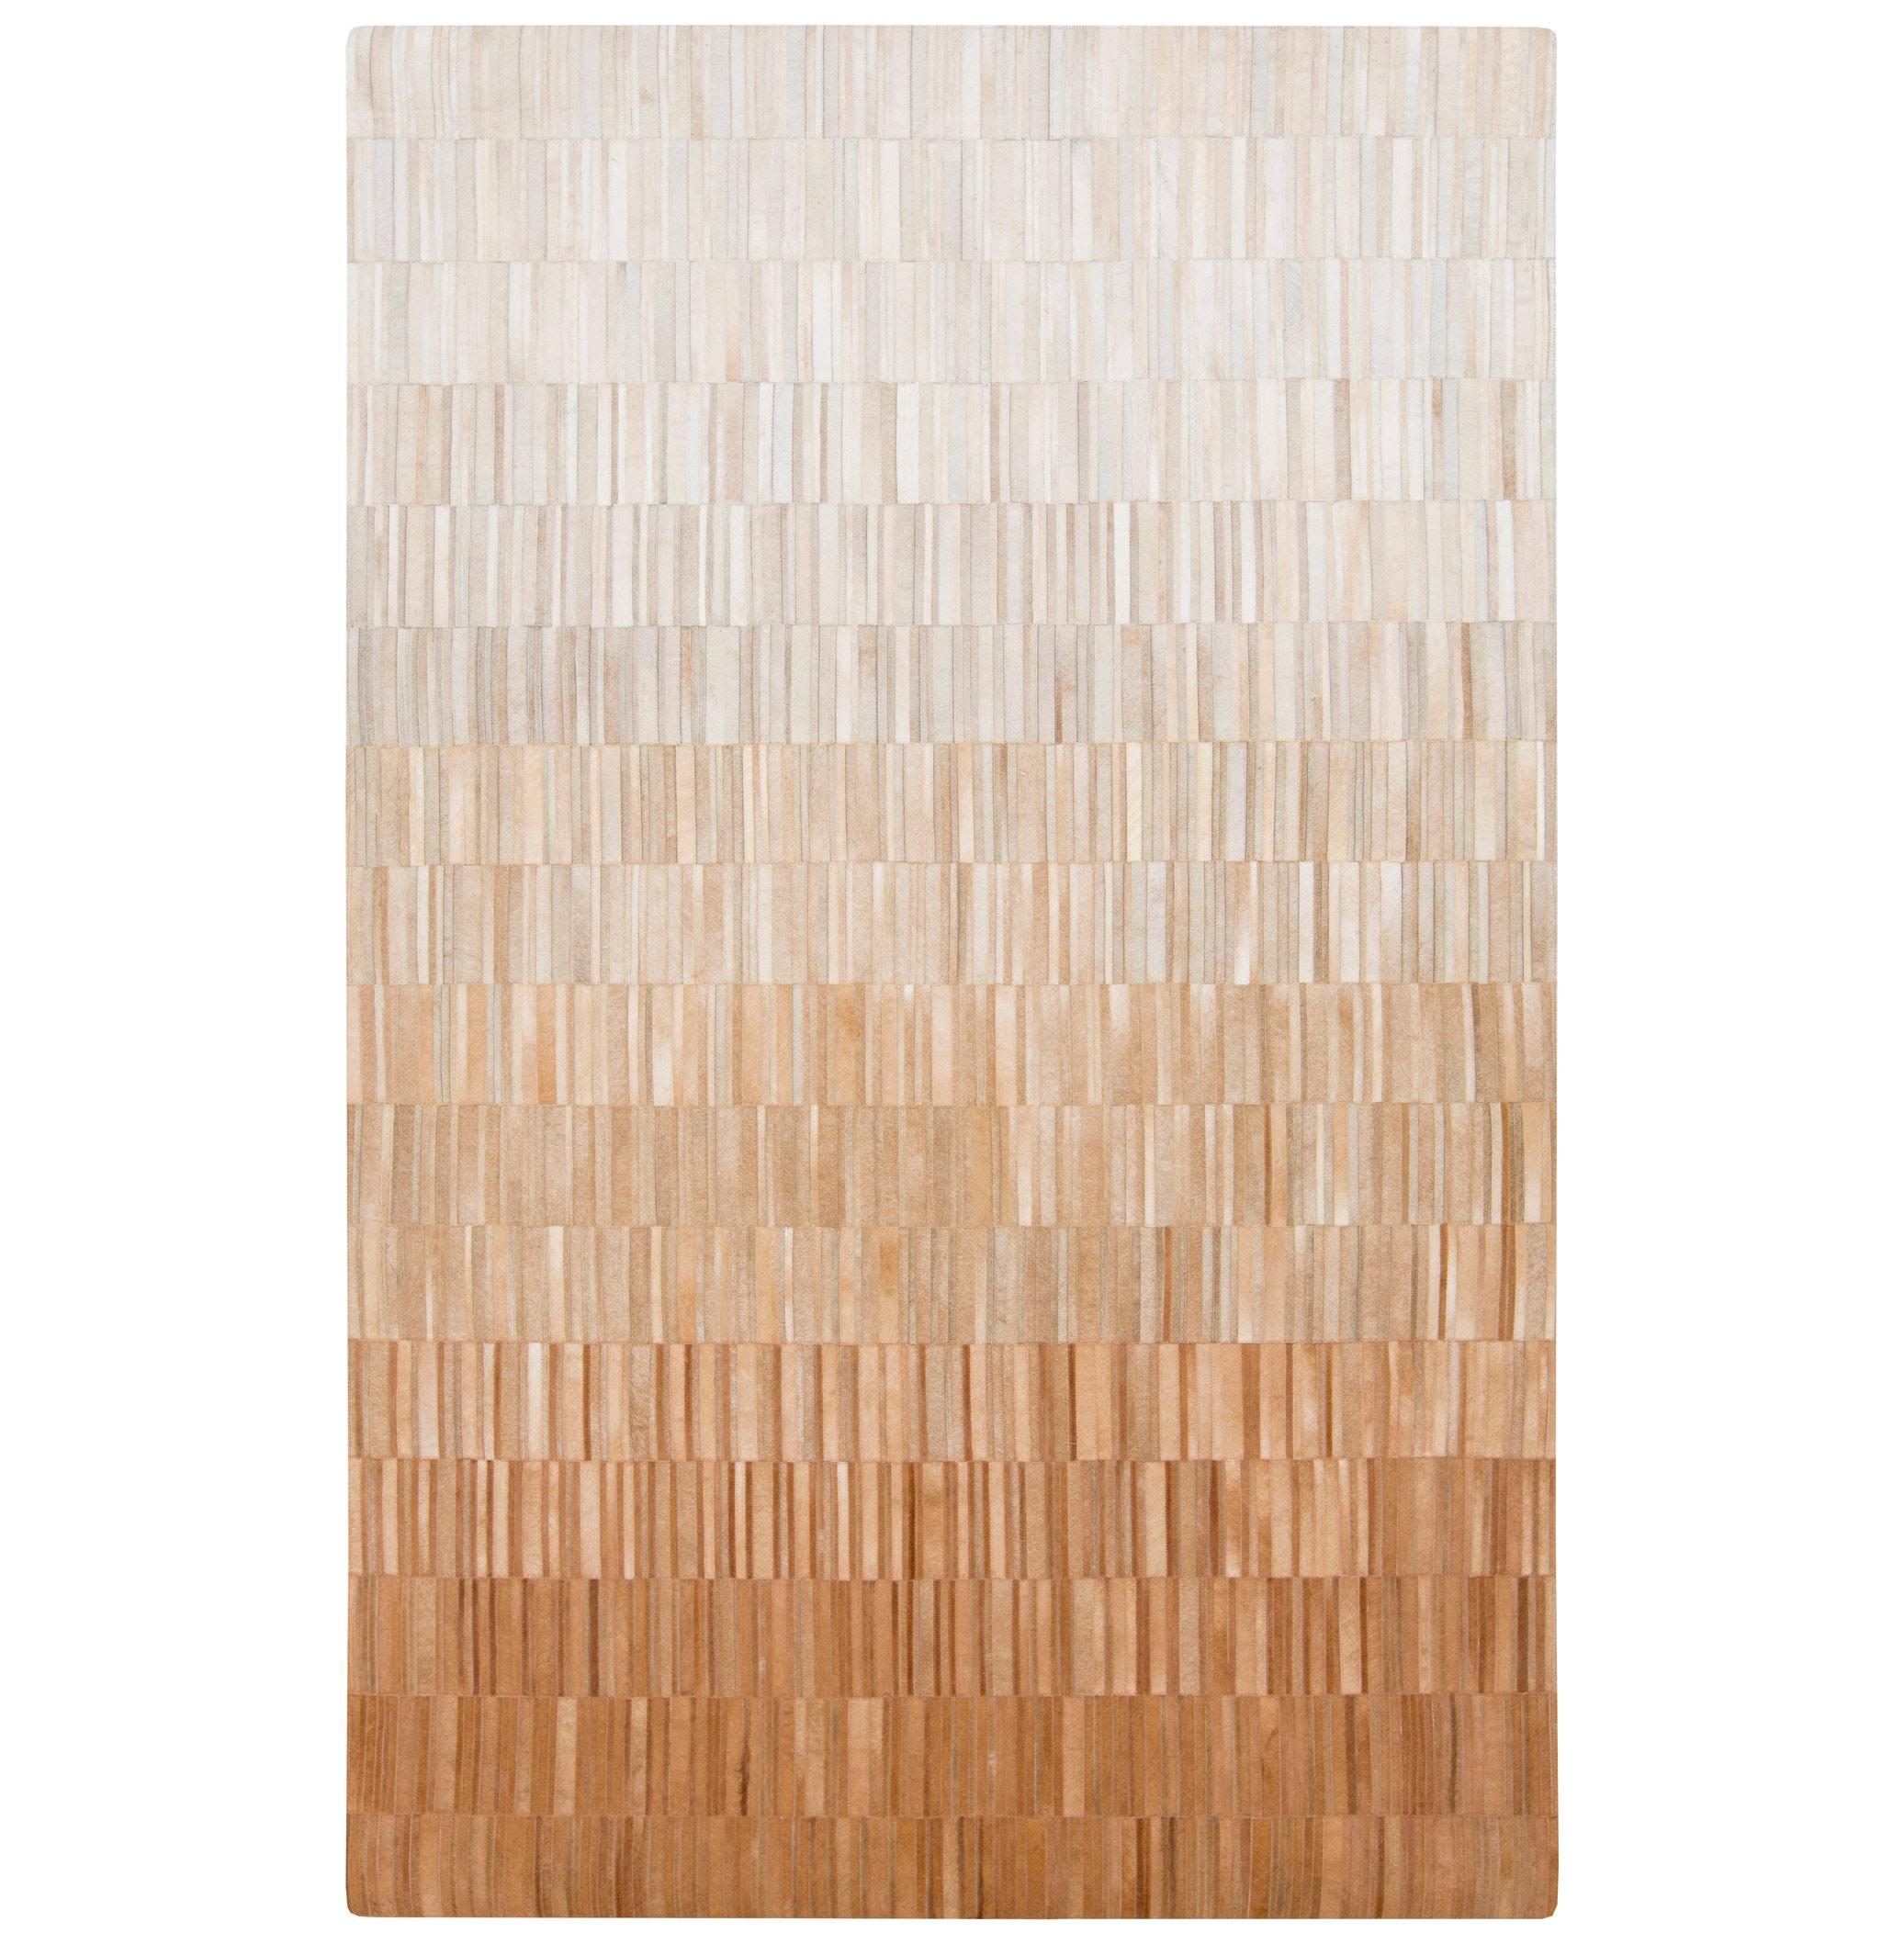 Resham Global Bazaar Vertical Tile Brown Ivory Ombre Cowhide Rug - 2x3